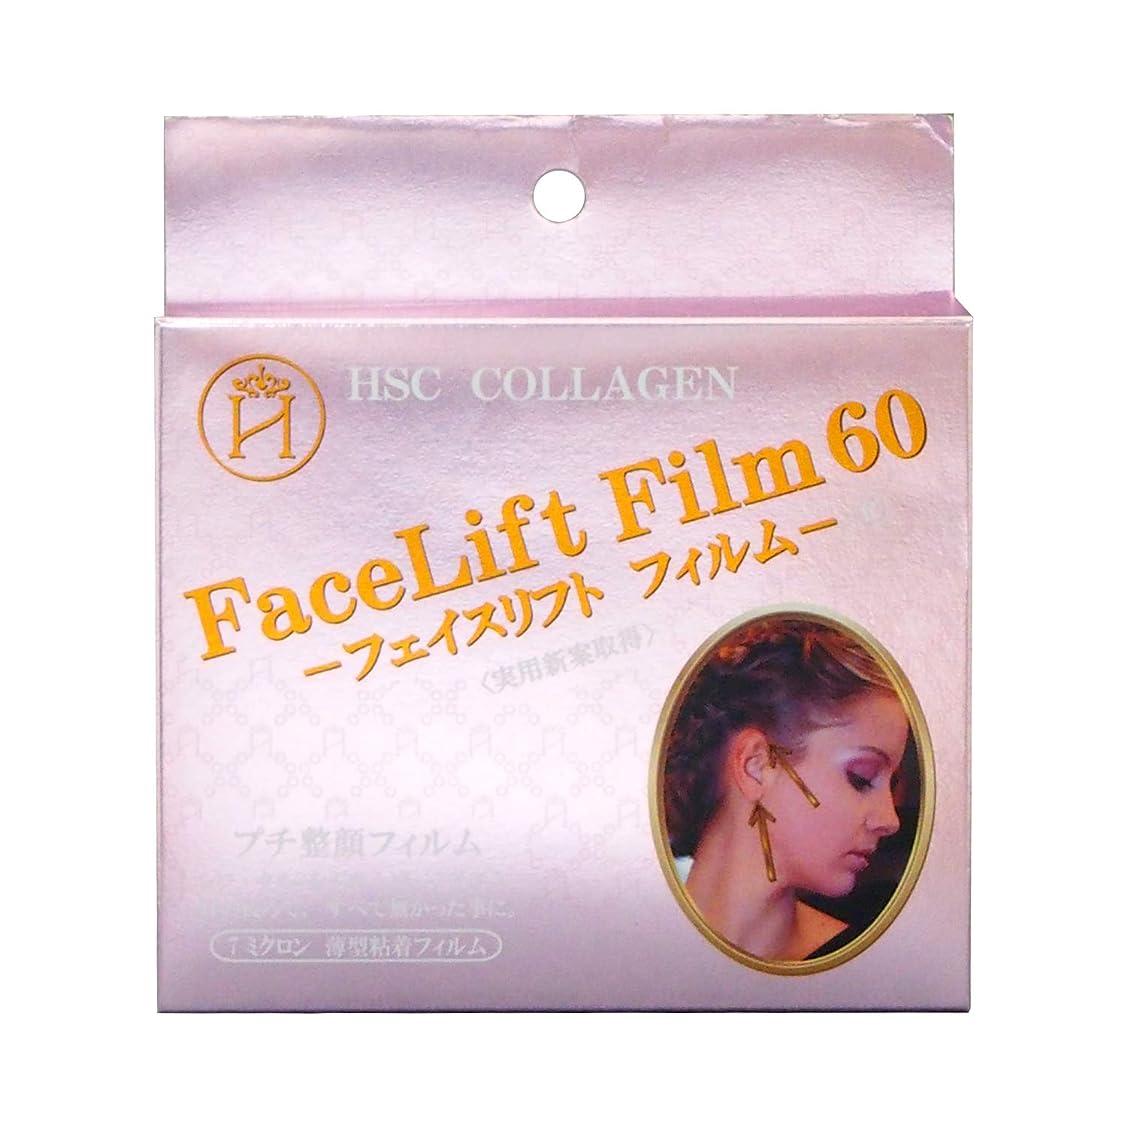 虫オン欲望フェイスリフトフィルム60 たるみ テープ 引き上げ 透明 目立たない フェイスライン